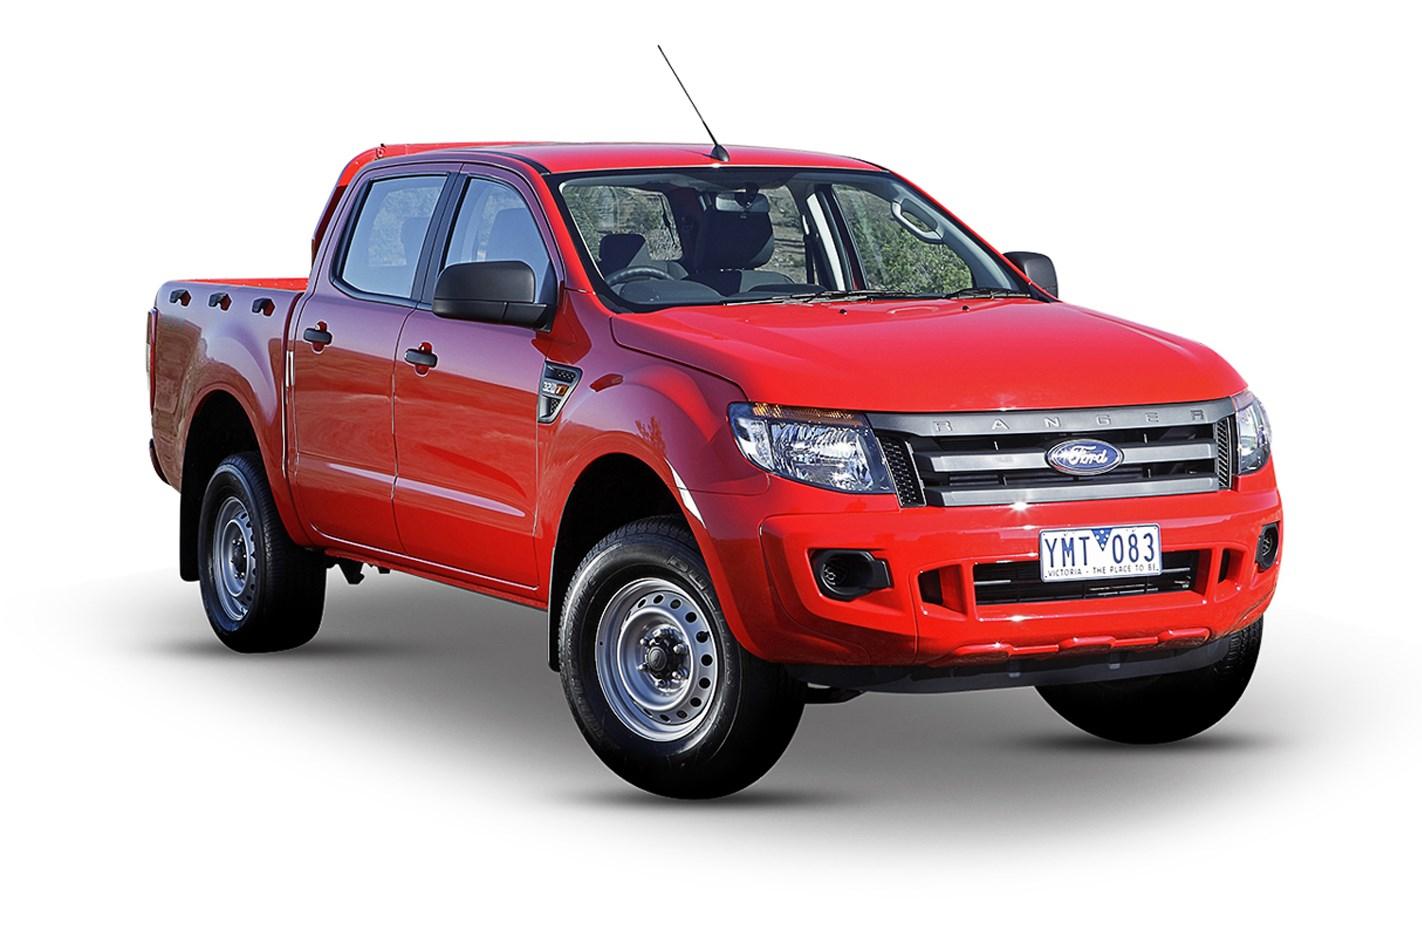 2017 ford ranger xl 2 2 4x4 crew cab utility